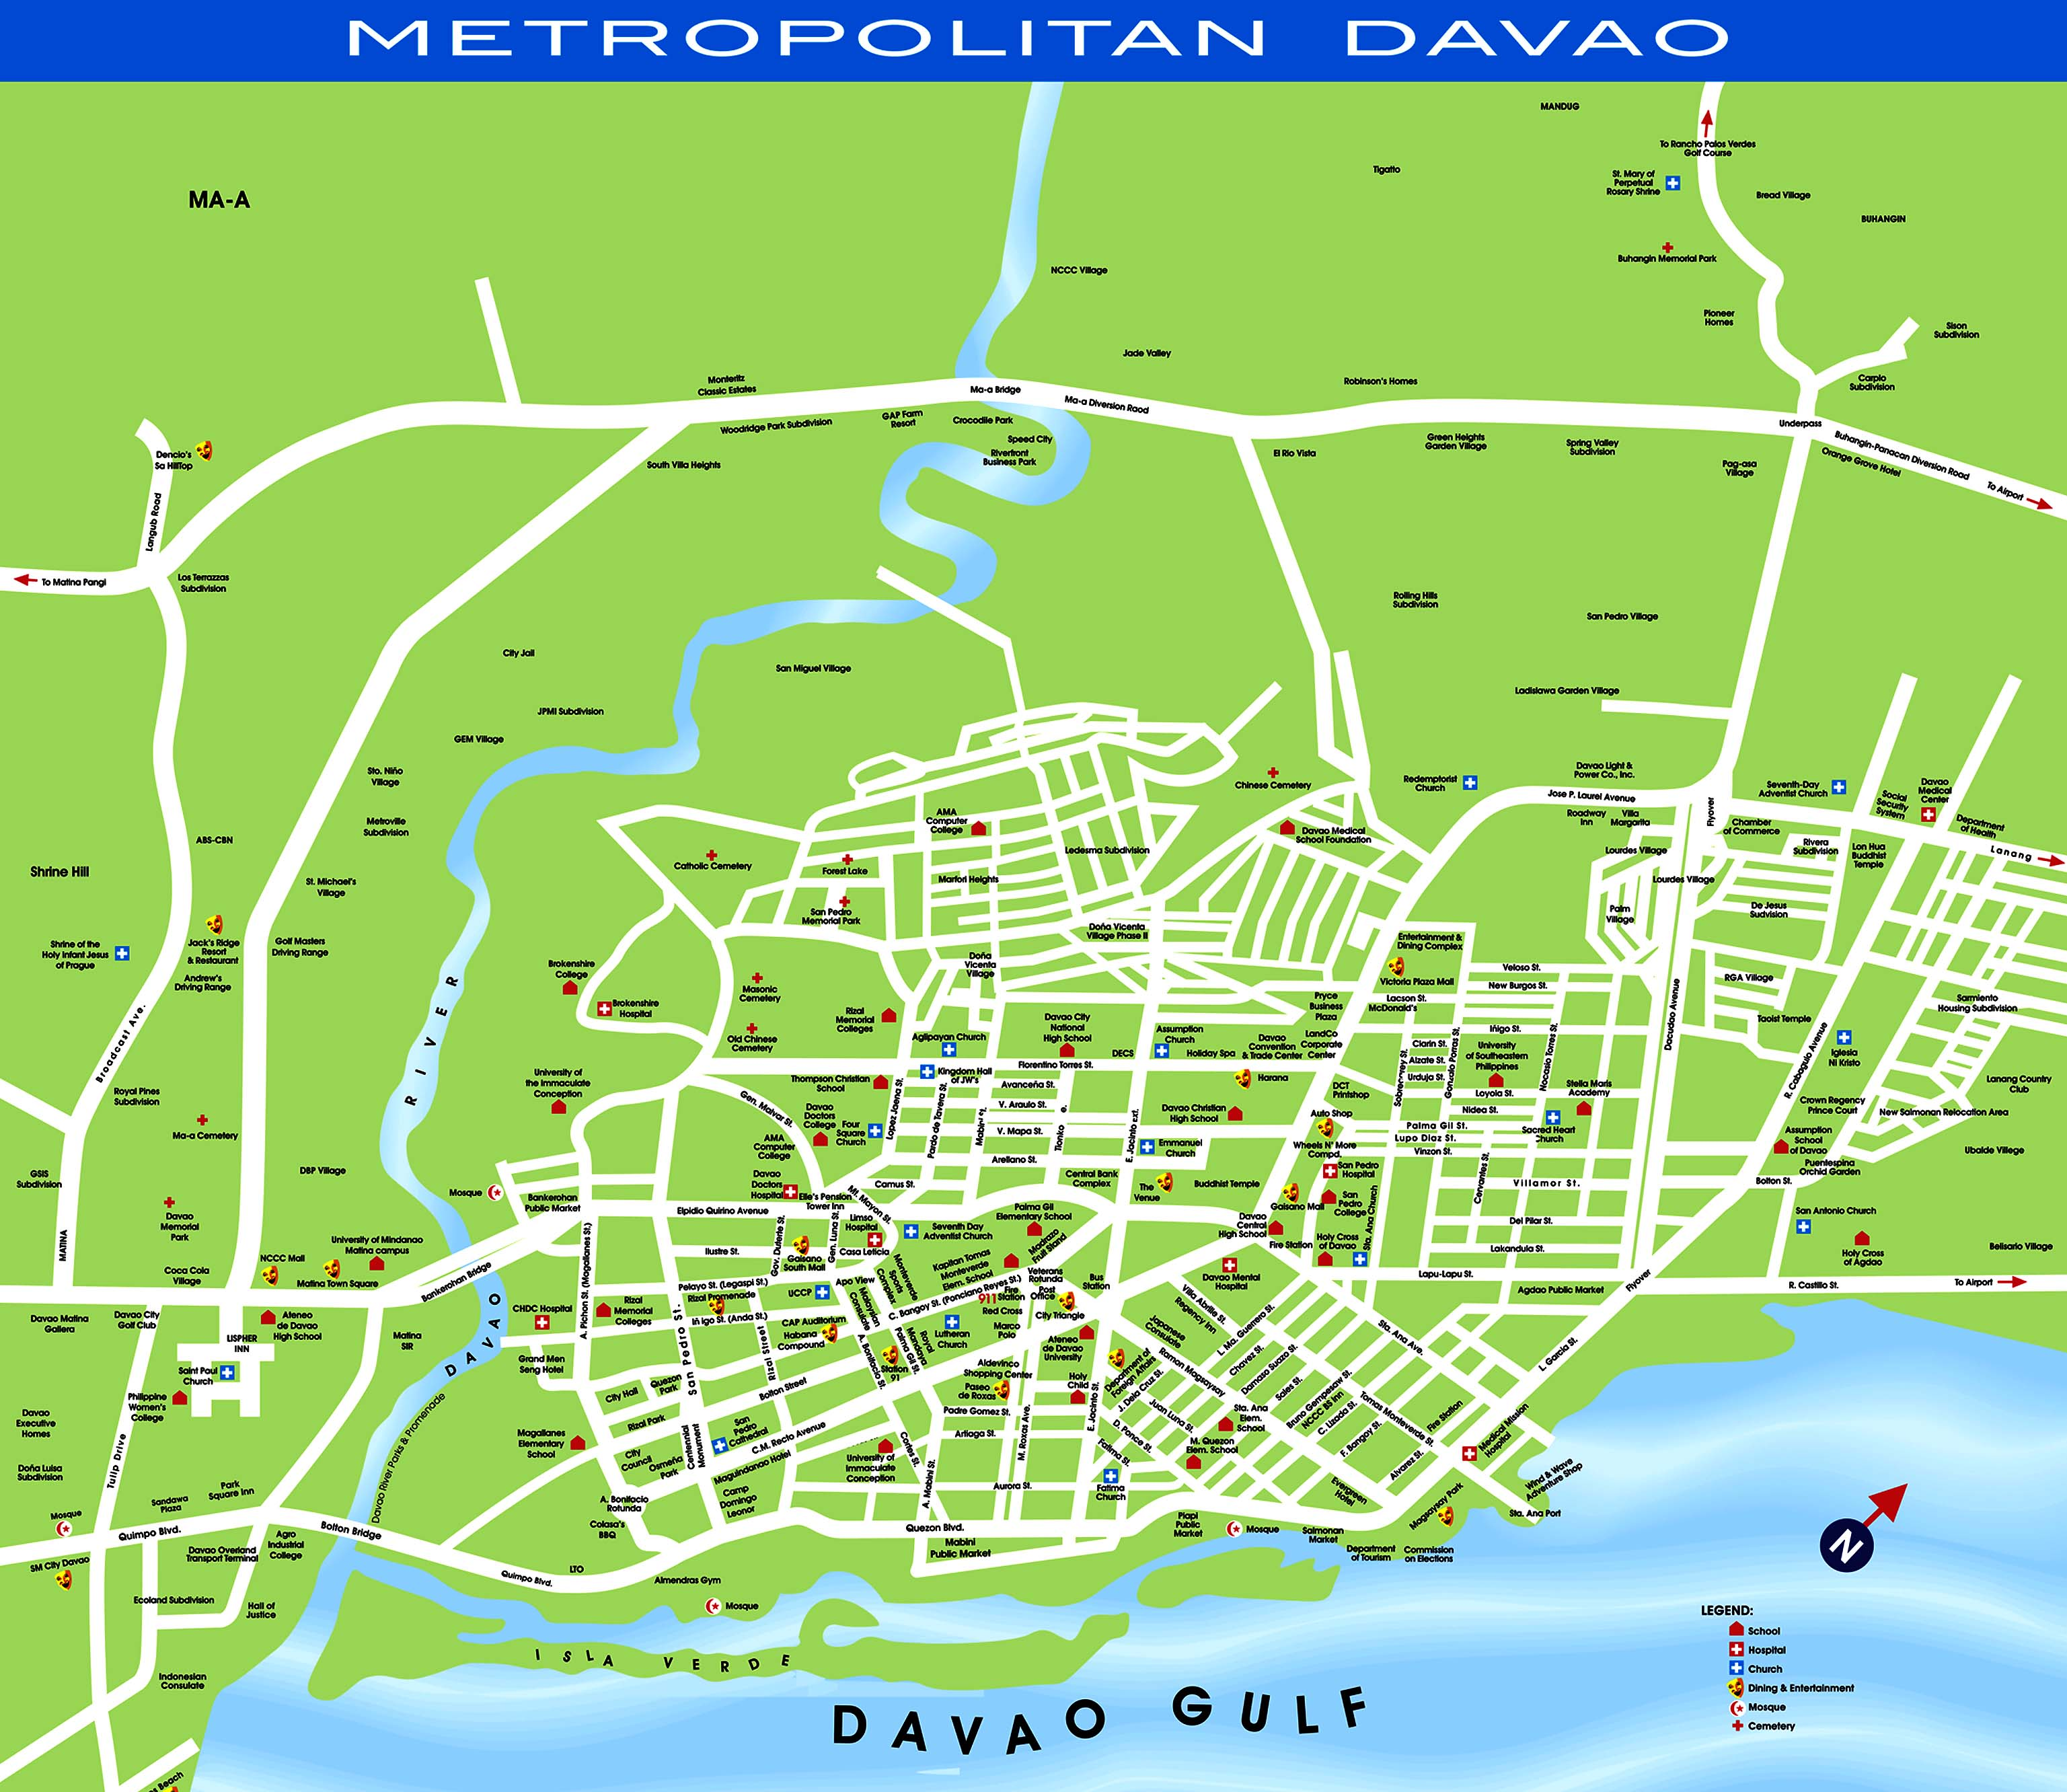 Davao City (Philippinen) Sehenswürdigkeiten, Reiseführer on